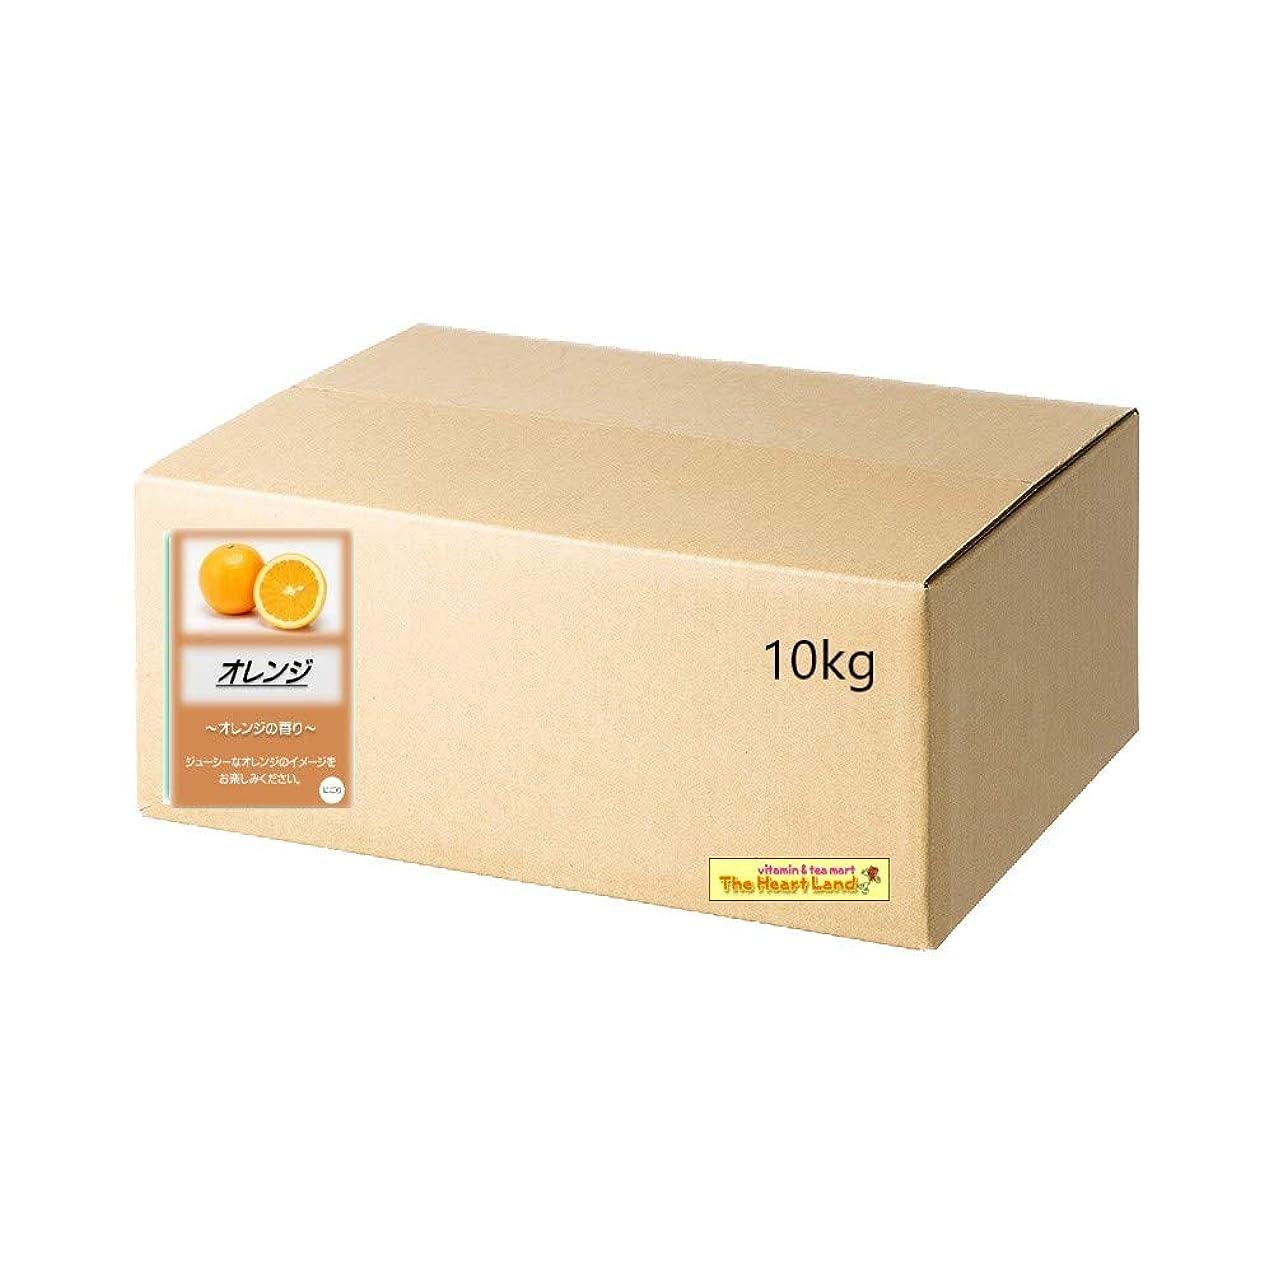 項目キャンドル広告するアサヒ入浴剤 浴用入浴化粧品 オレンジ 10kg